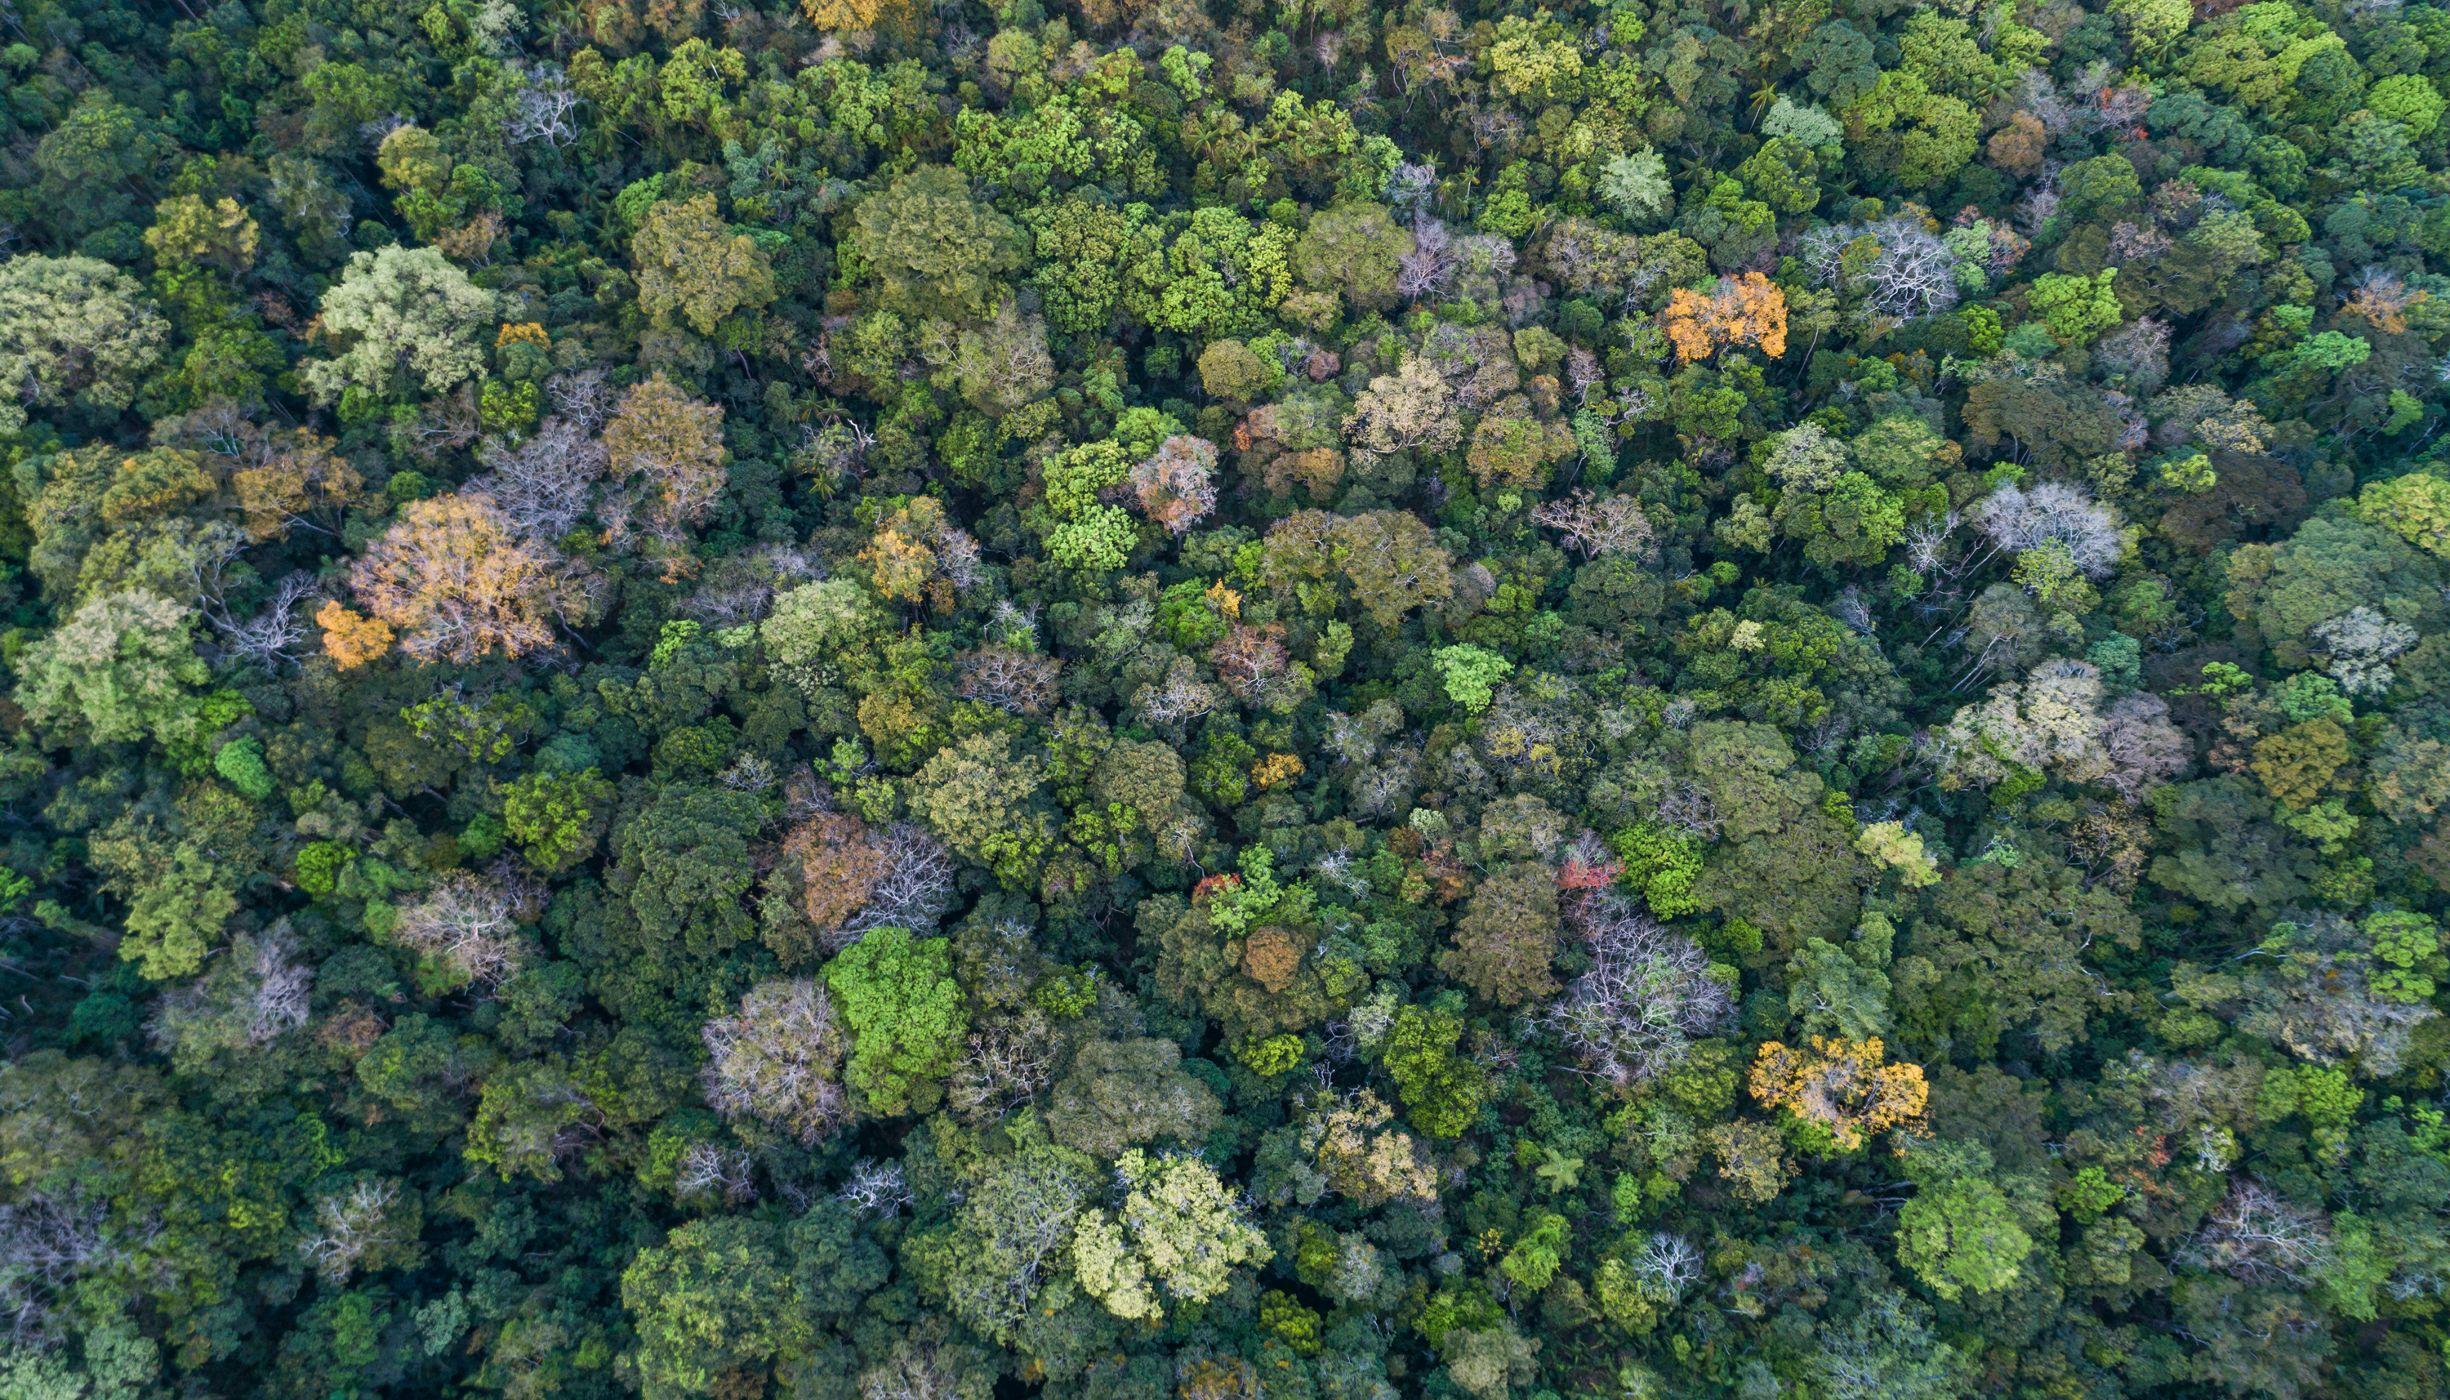 Visão aérea de vegetação nativa no Cerrado.